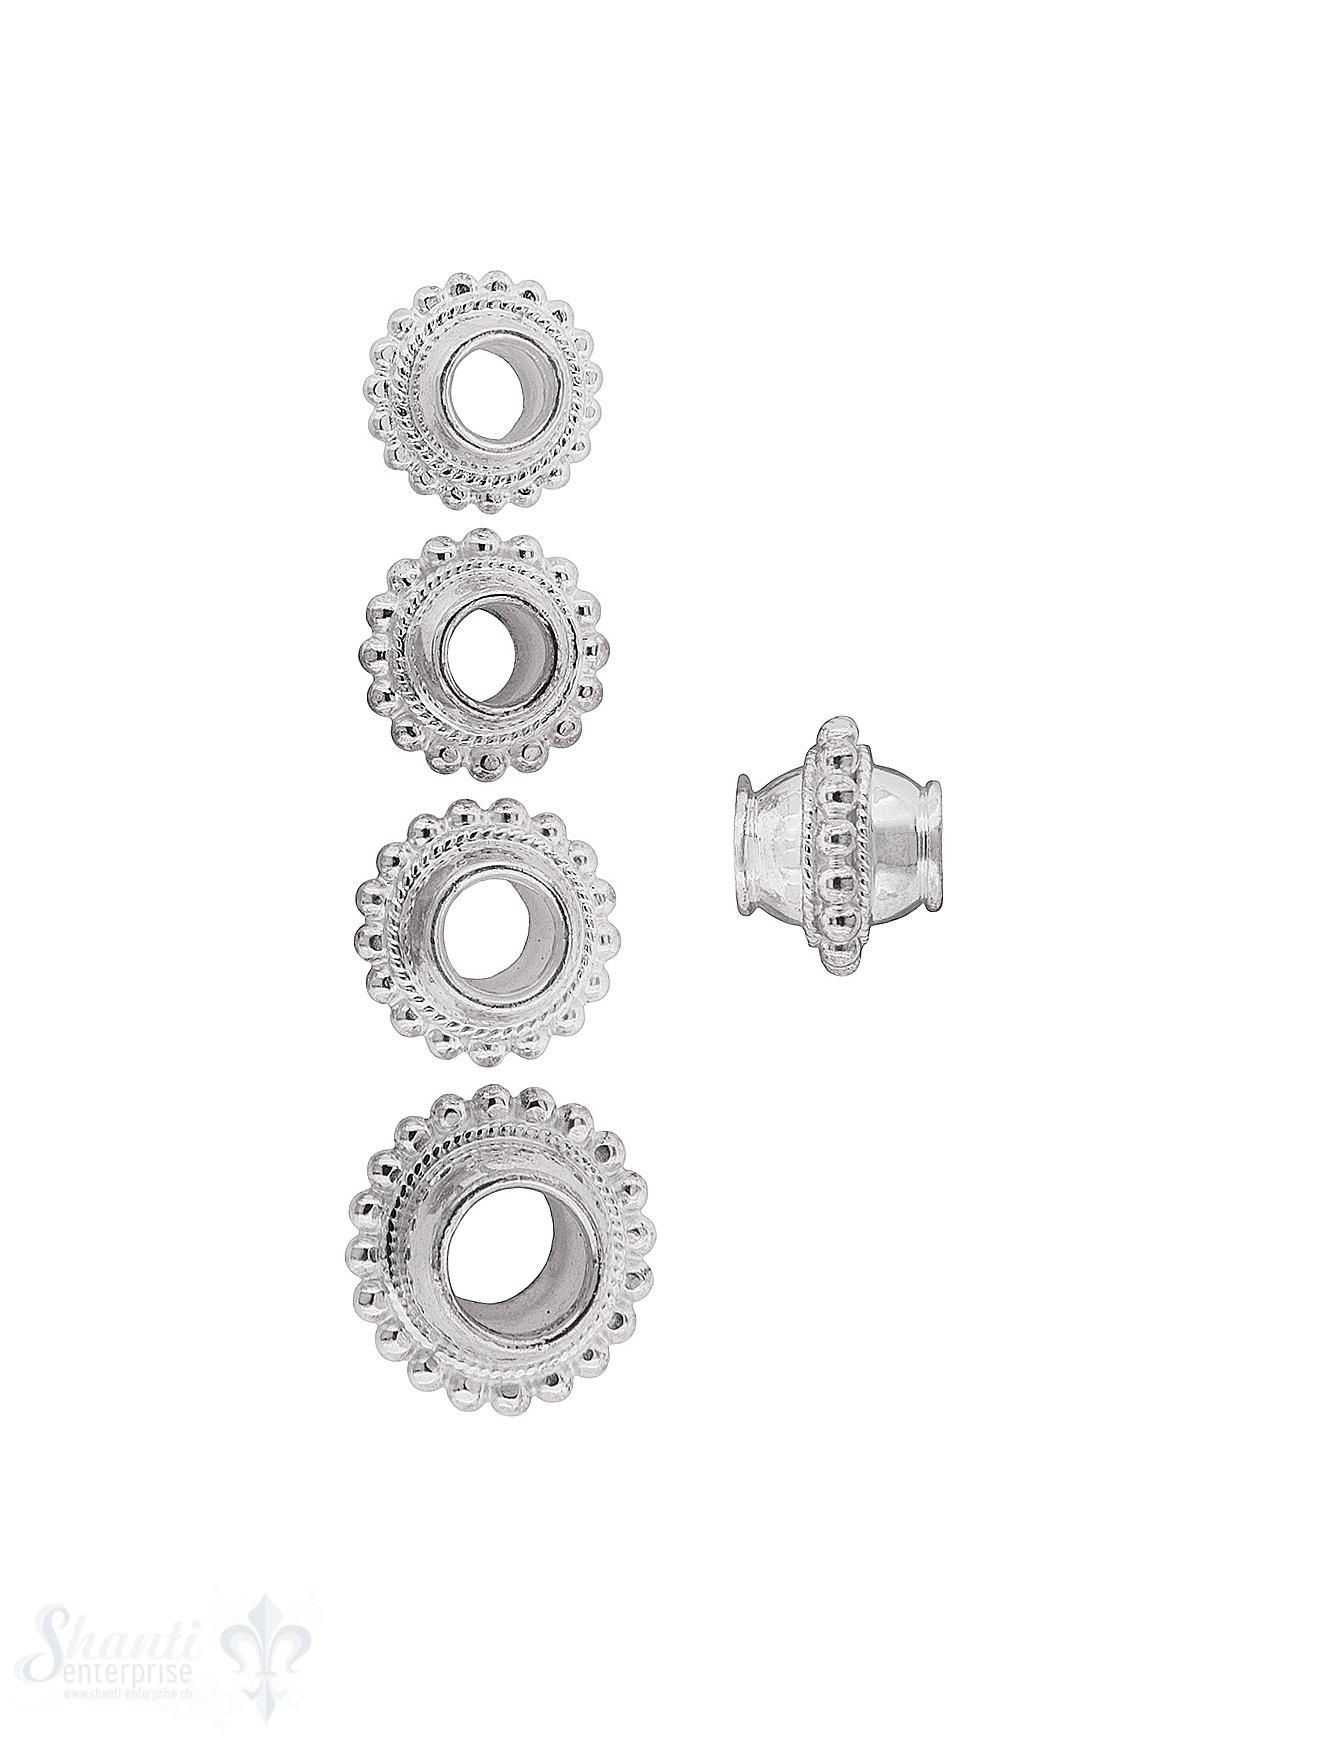 kugelförmiges Element in der Mitte grob gepunktet verziert mit Rand Silber hell